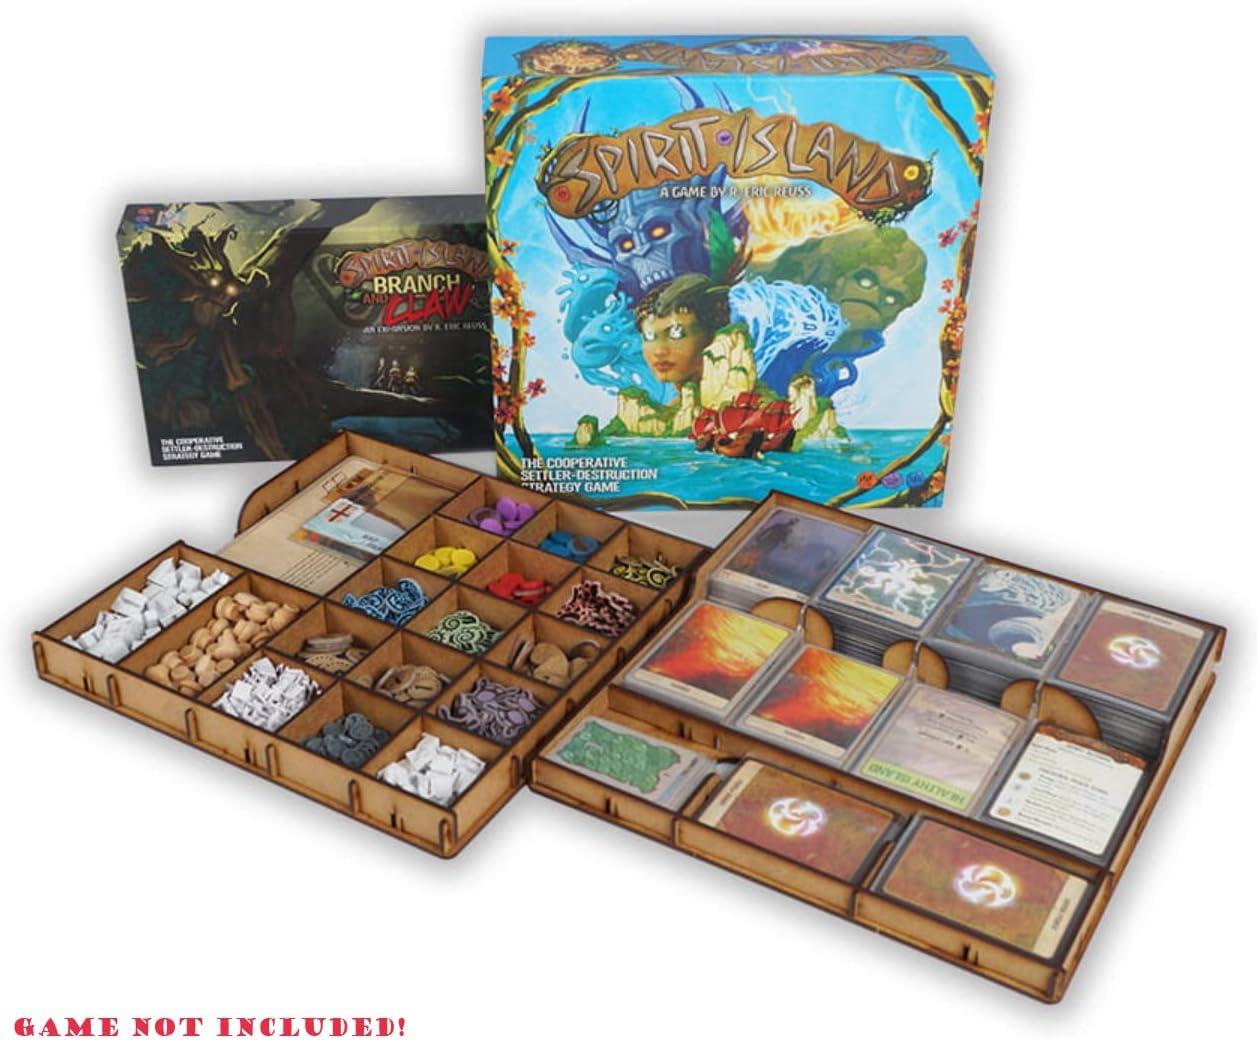 docsmagic.de Organizer Insert for Spirit Island Box - Encarte: Amazon.es: Juguetes y juegos